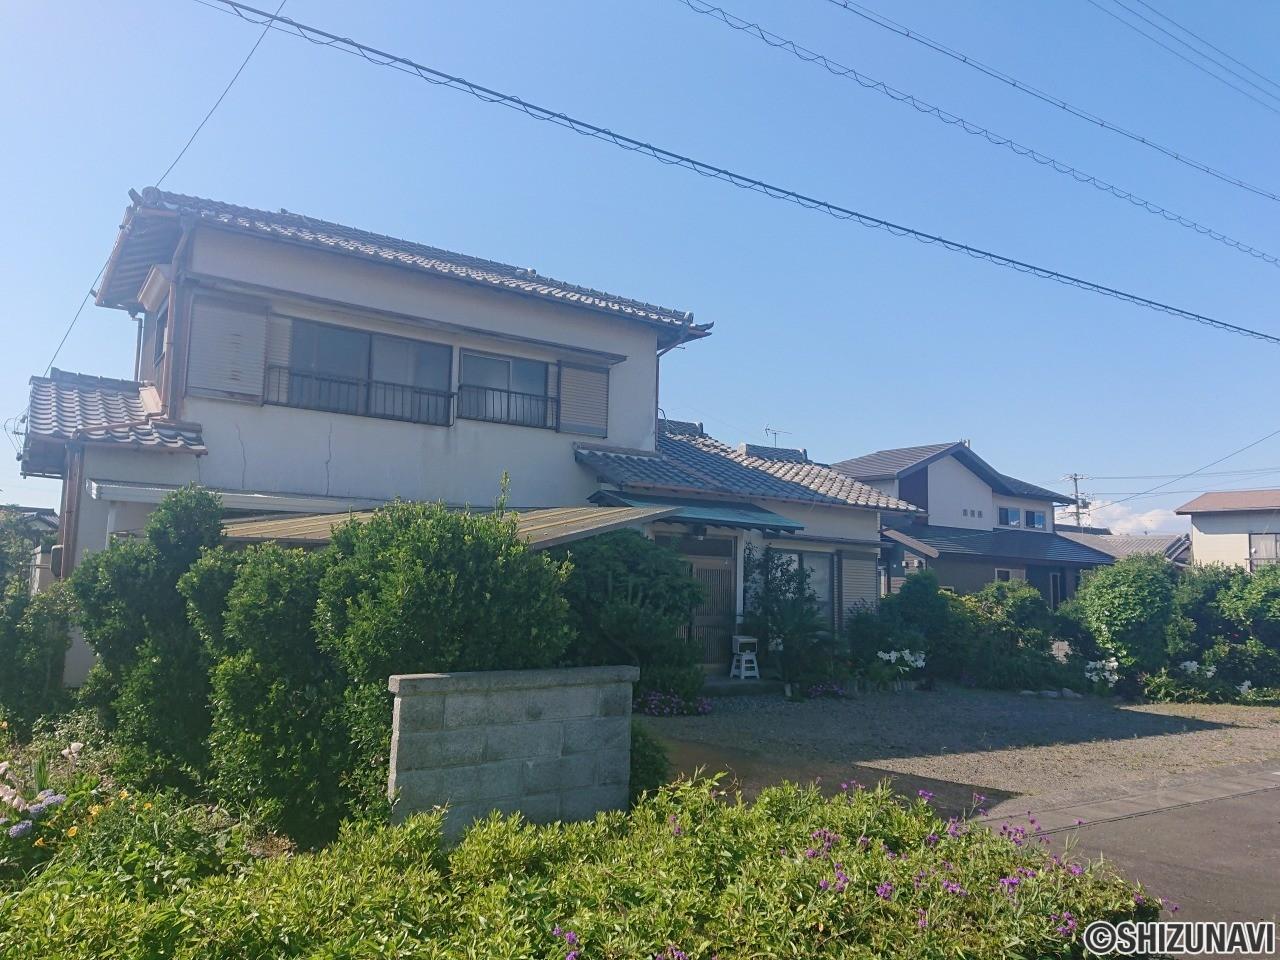 焼津市西島 土地(建物有)